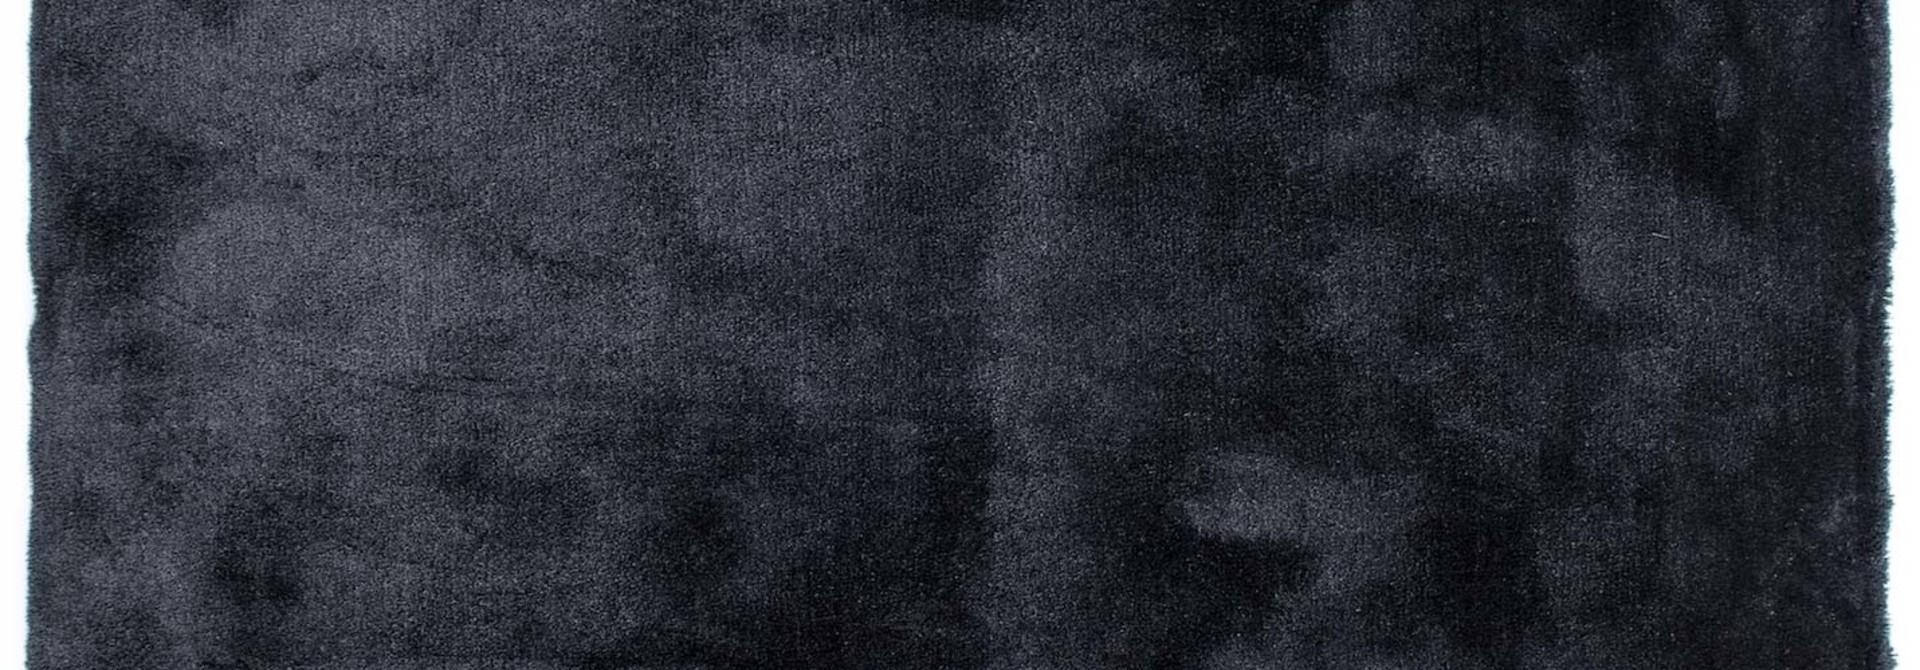 Mart Visser Velvet Touch Intense Grey kleur 24 160x230cm